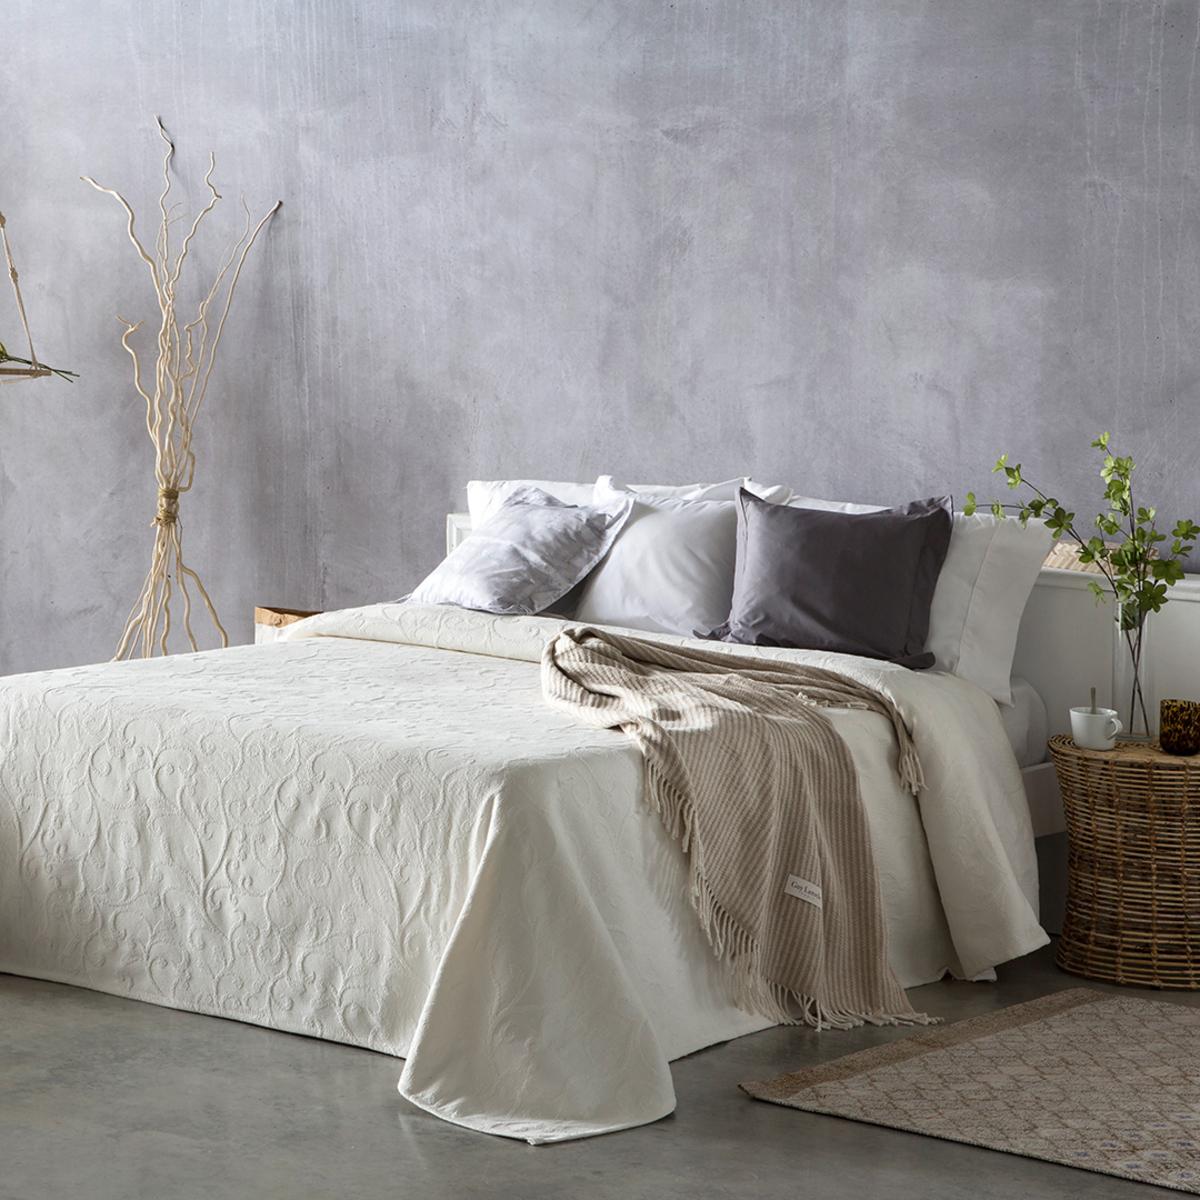 Couvre lit en coton beige 180x270